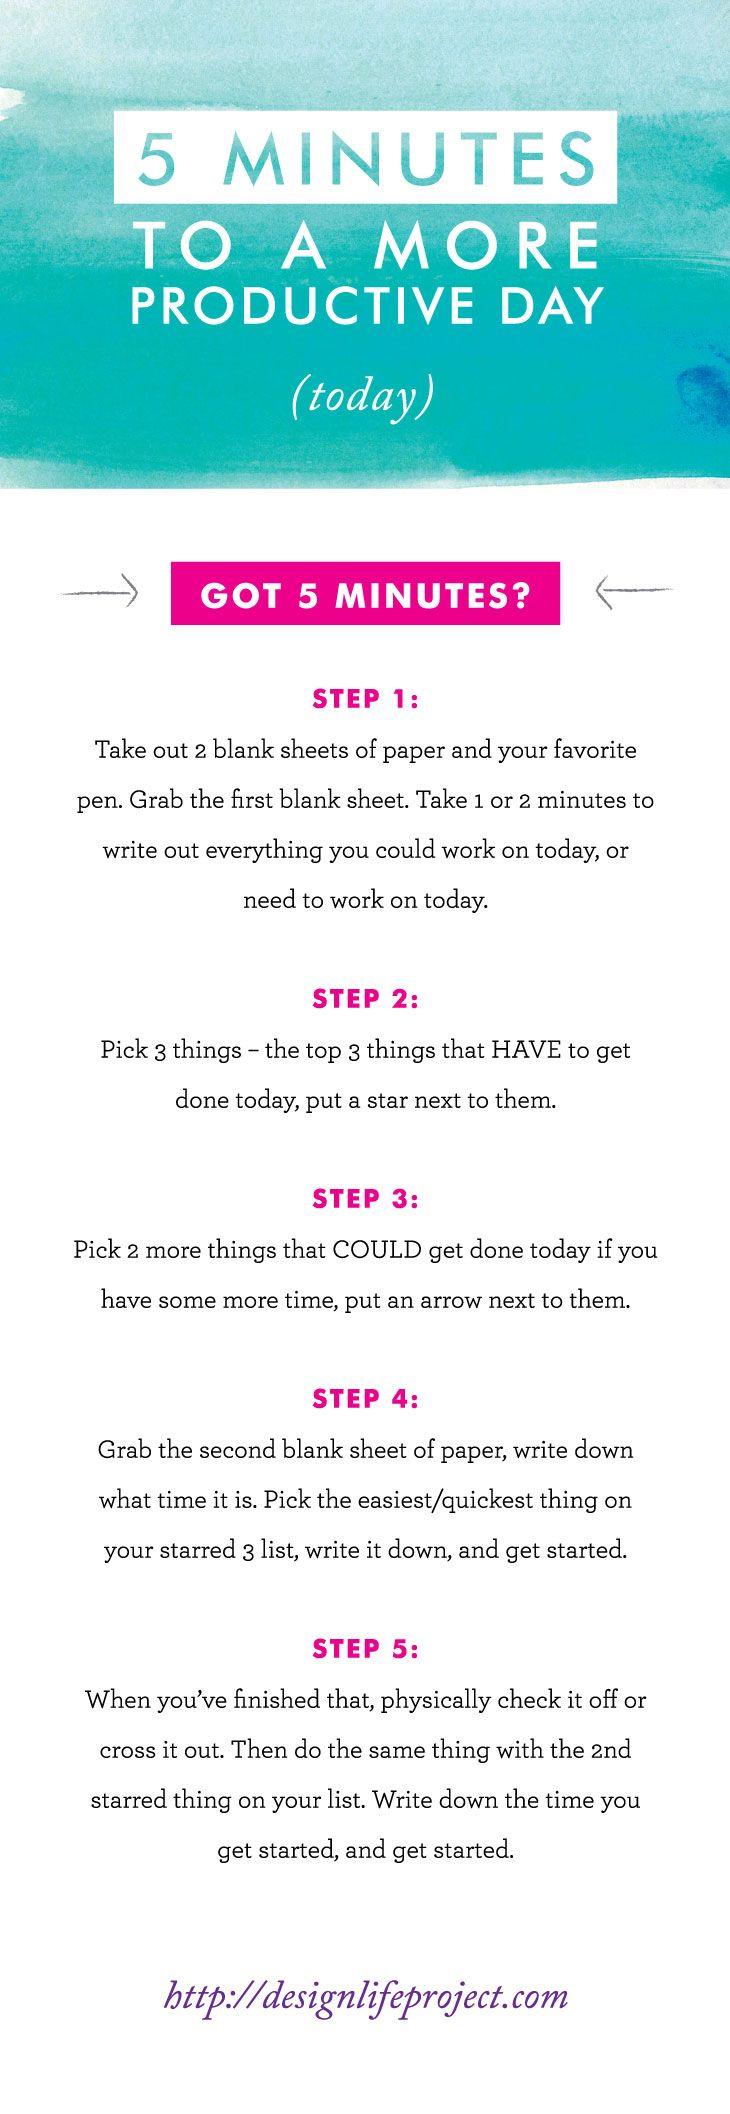 Einfache ToDo Liste für den Tag: in 5 Schritten zu mehr Produktivität - MITs  5 Minutes to a More Productive Day